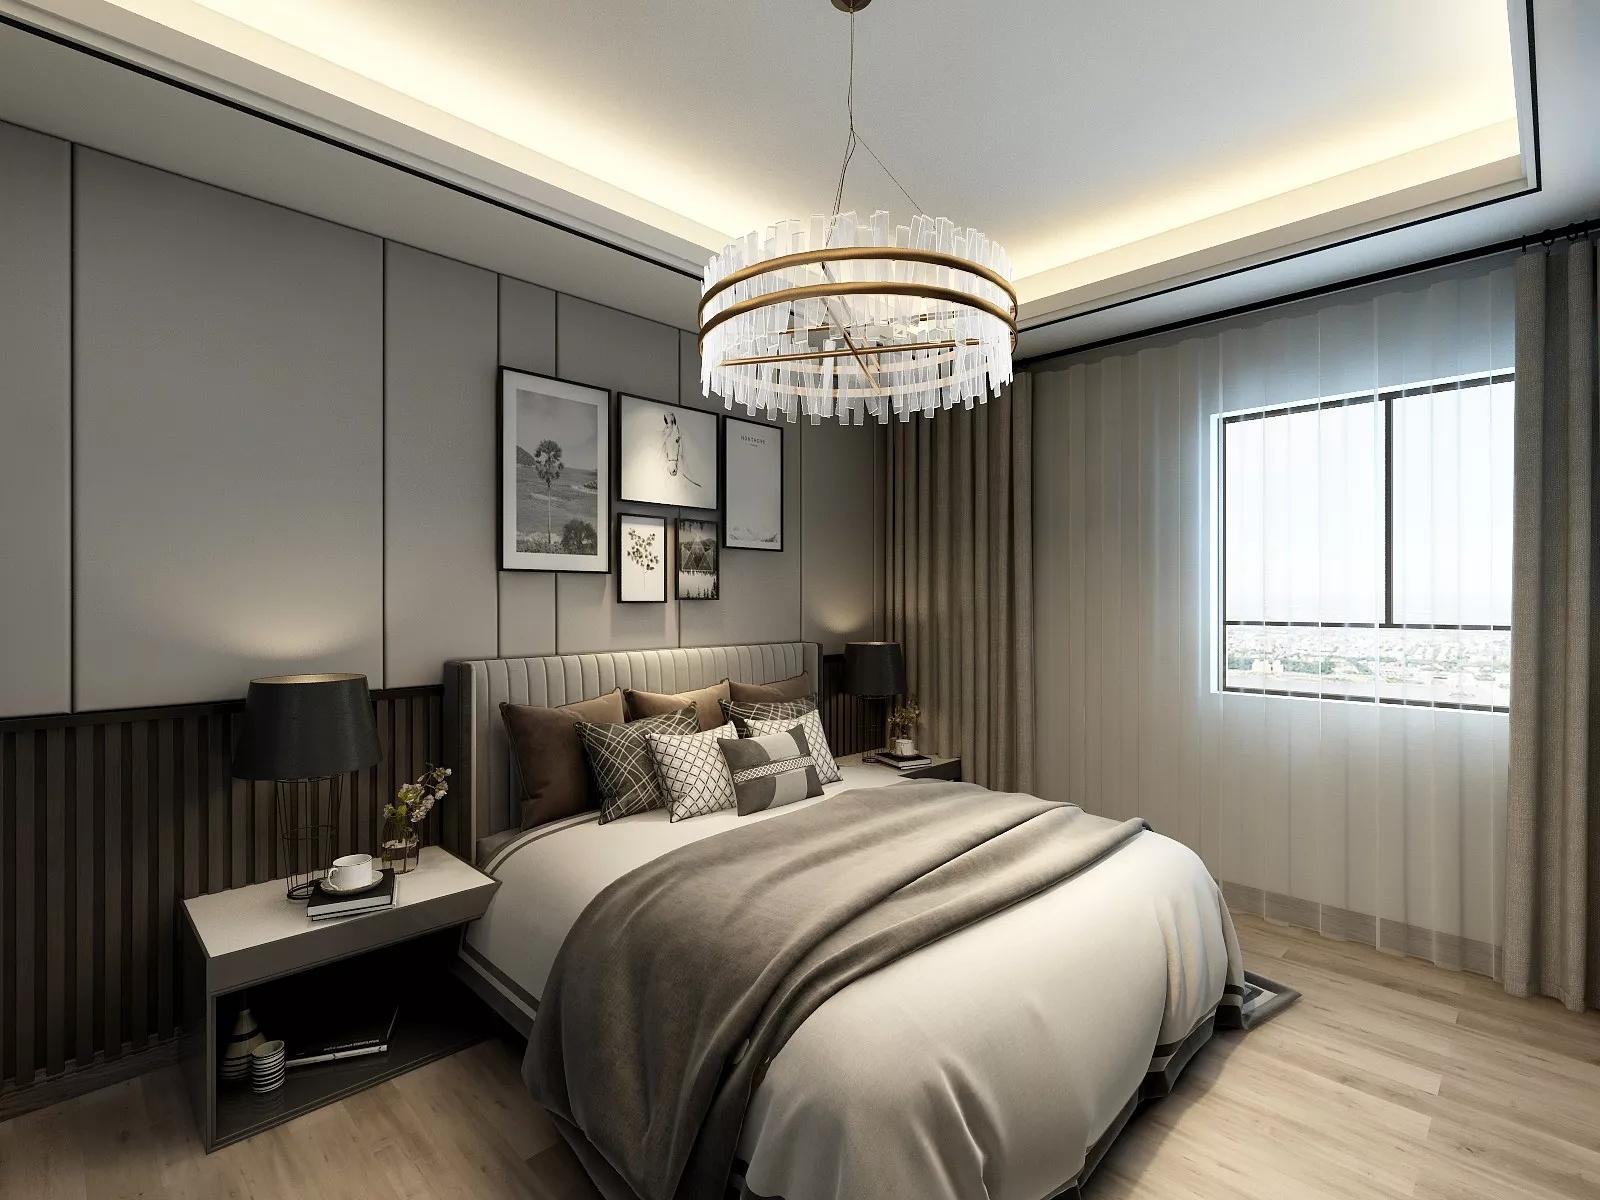 熟知中式床头壁灯装修要点 这样才有中式风韵!